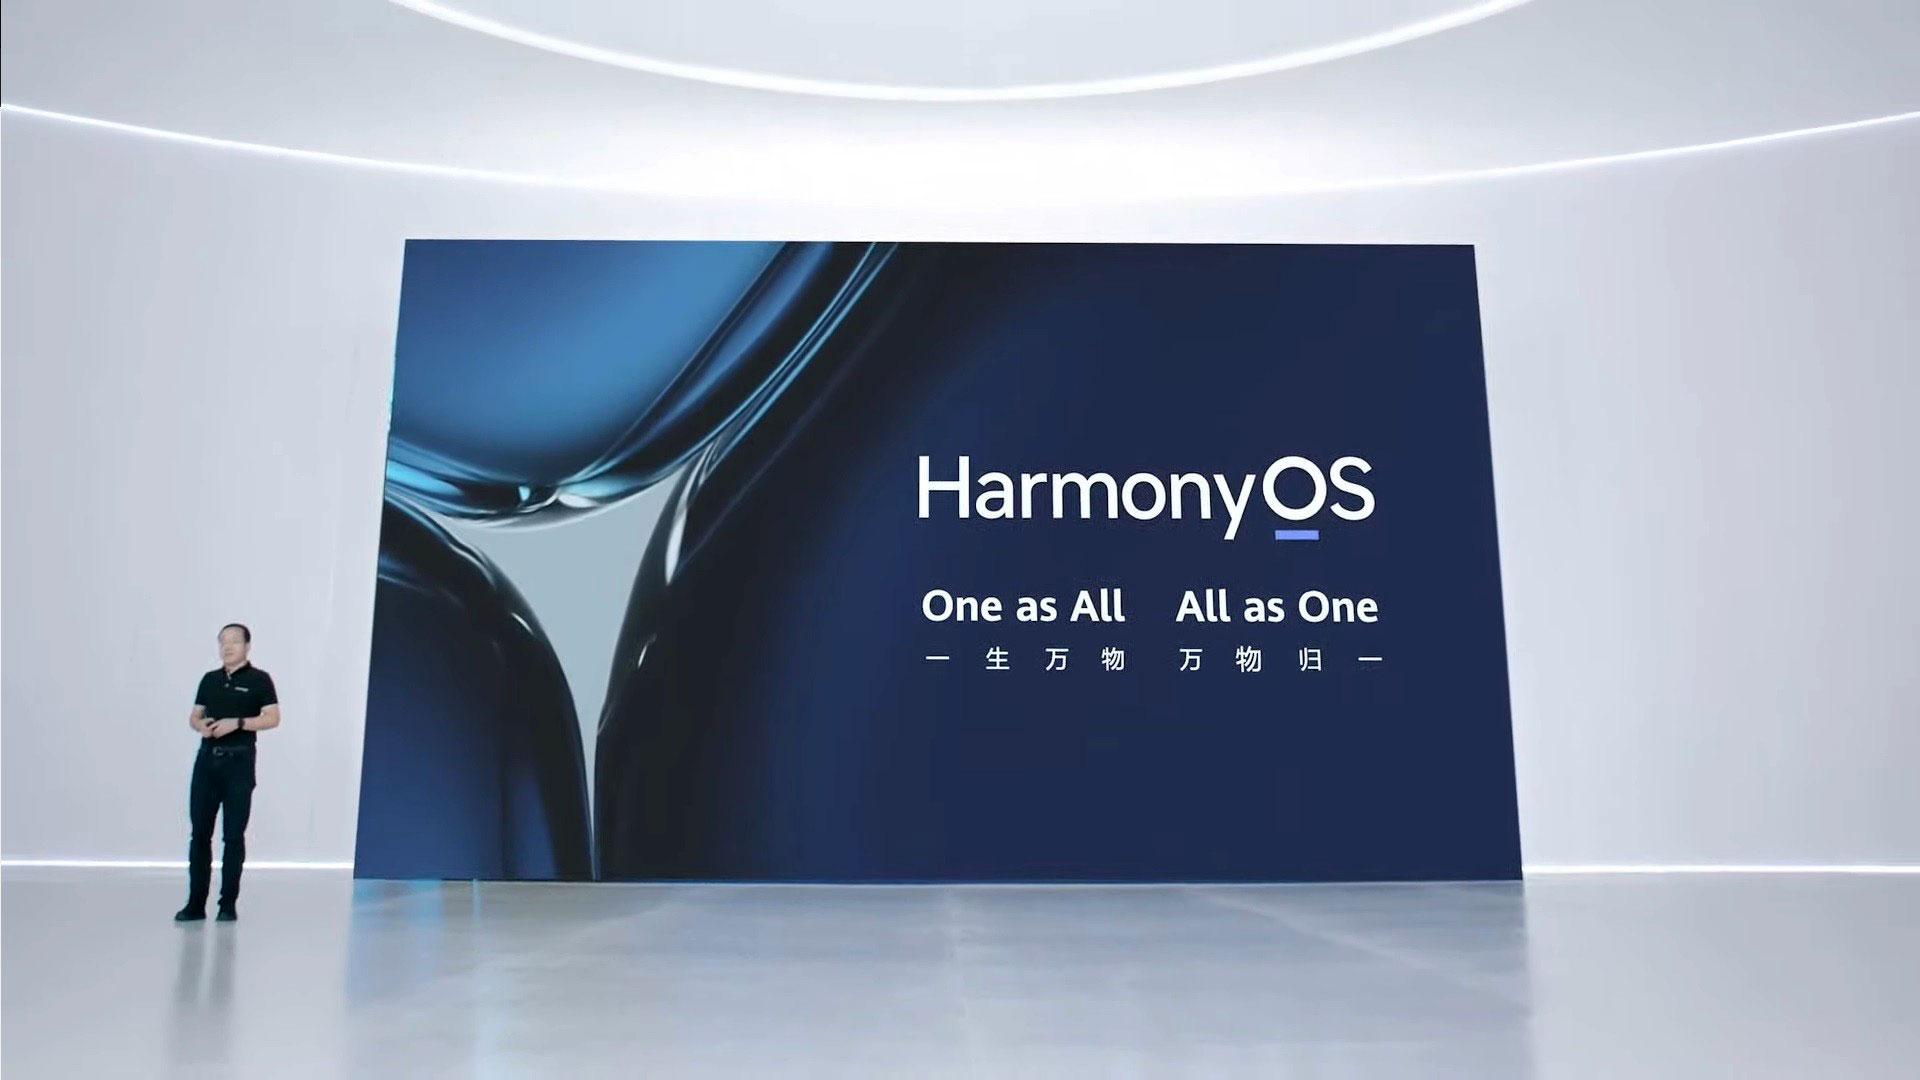 سیستم عامل هارمونی هواوی رسما معرفی شد: یکی برای همه، همه برای یکی